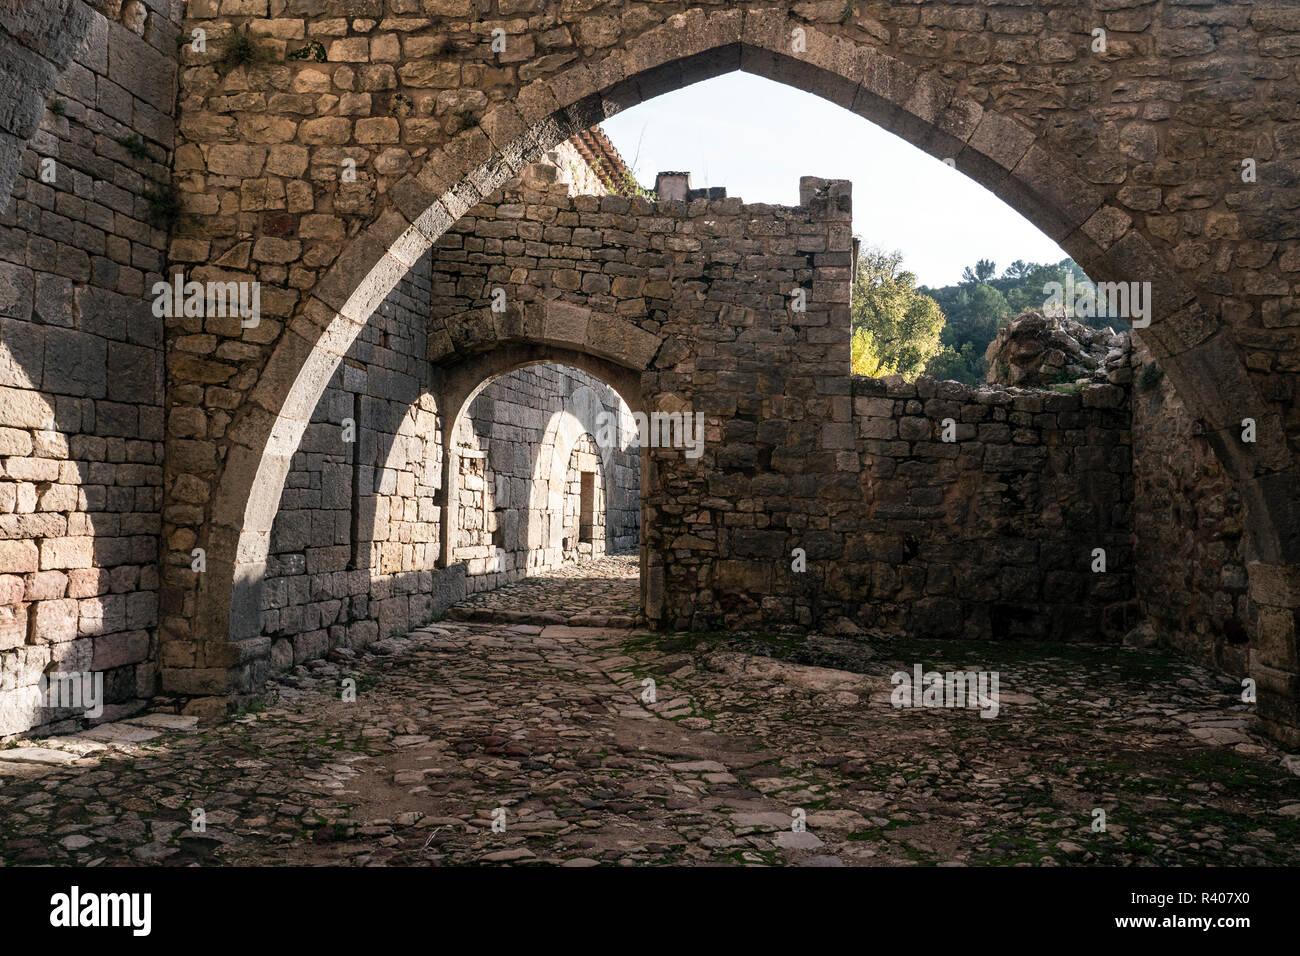 Abbaye du Thoronet, Basilique, 3e tombeau de la chretienté Provence verte dans le Var Stock Photo